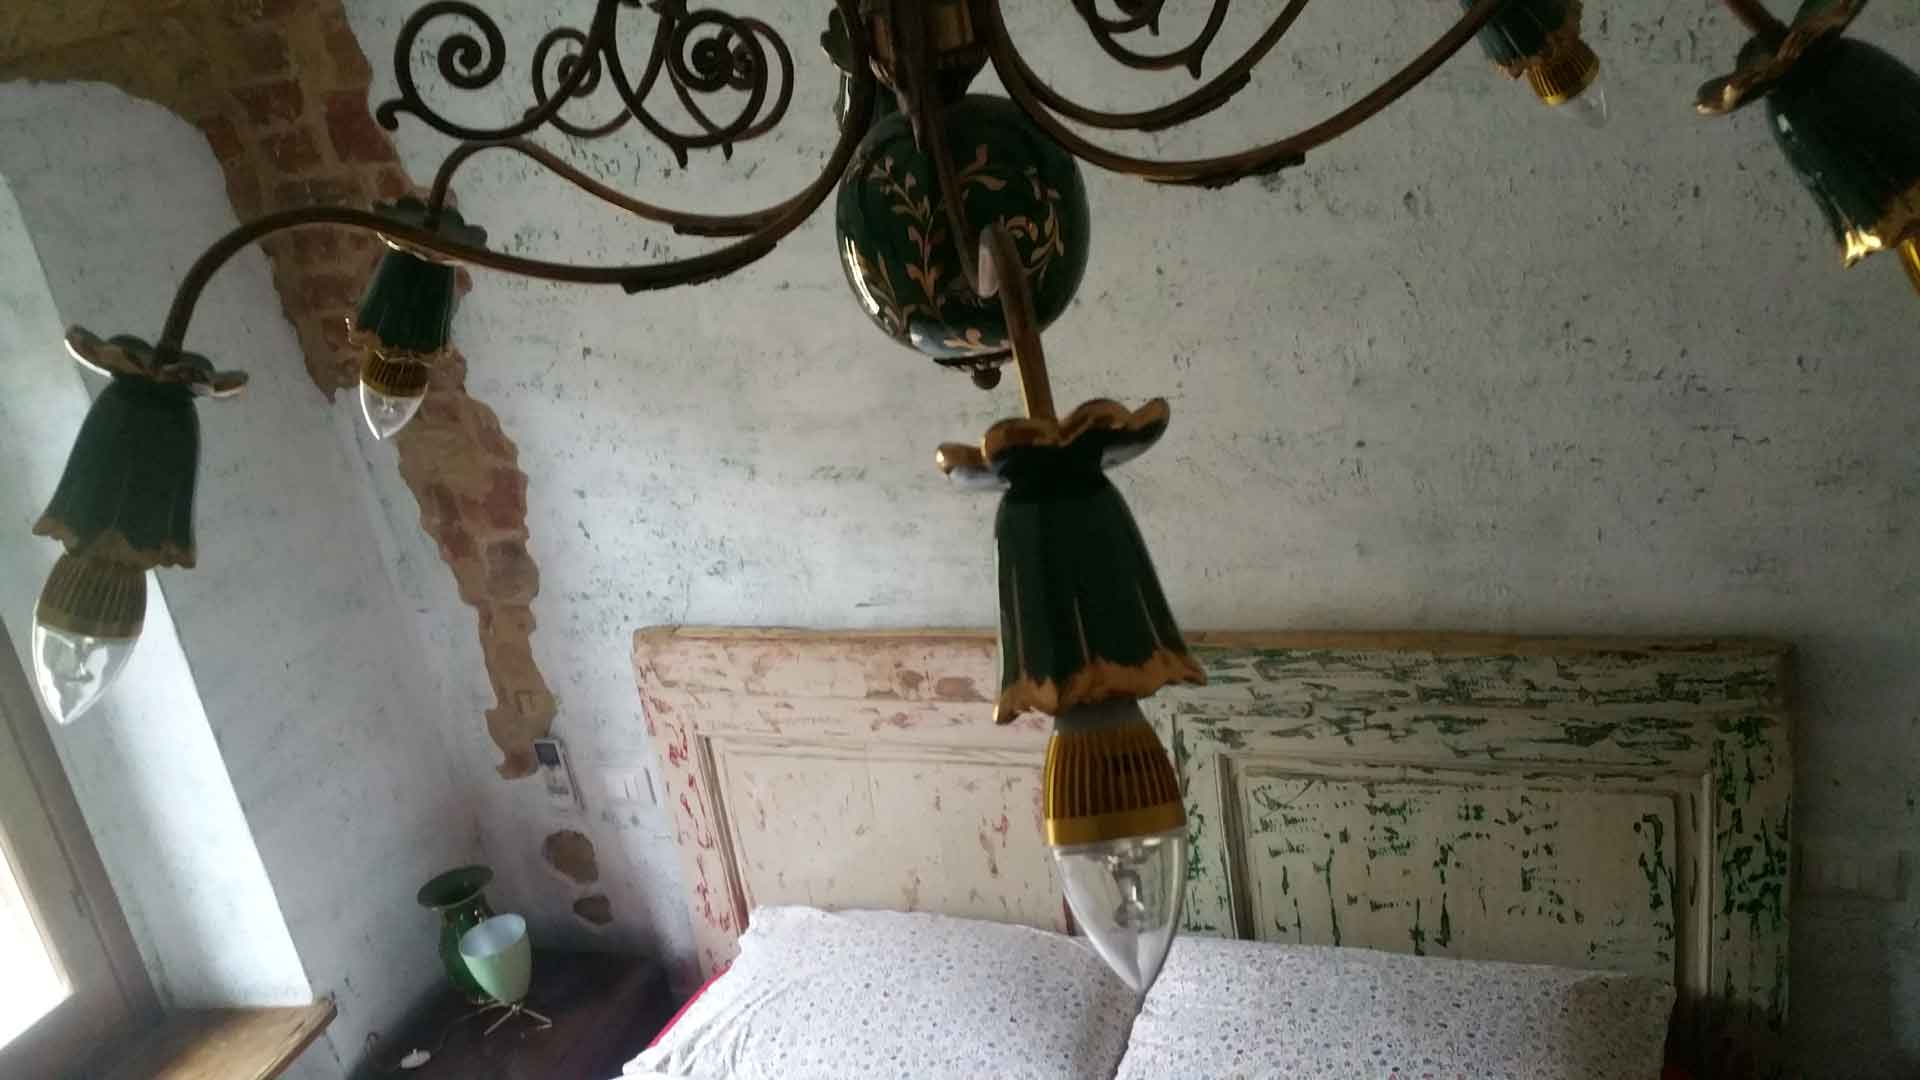 Camera vintage letto matrimoniale lampadario ceramica anni 70 B&B & meditation center Zorba il Buddha Passerano Marmorito Asti